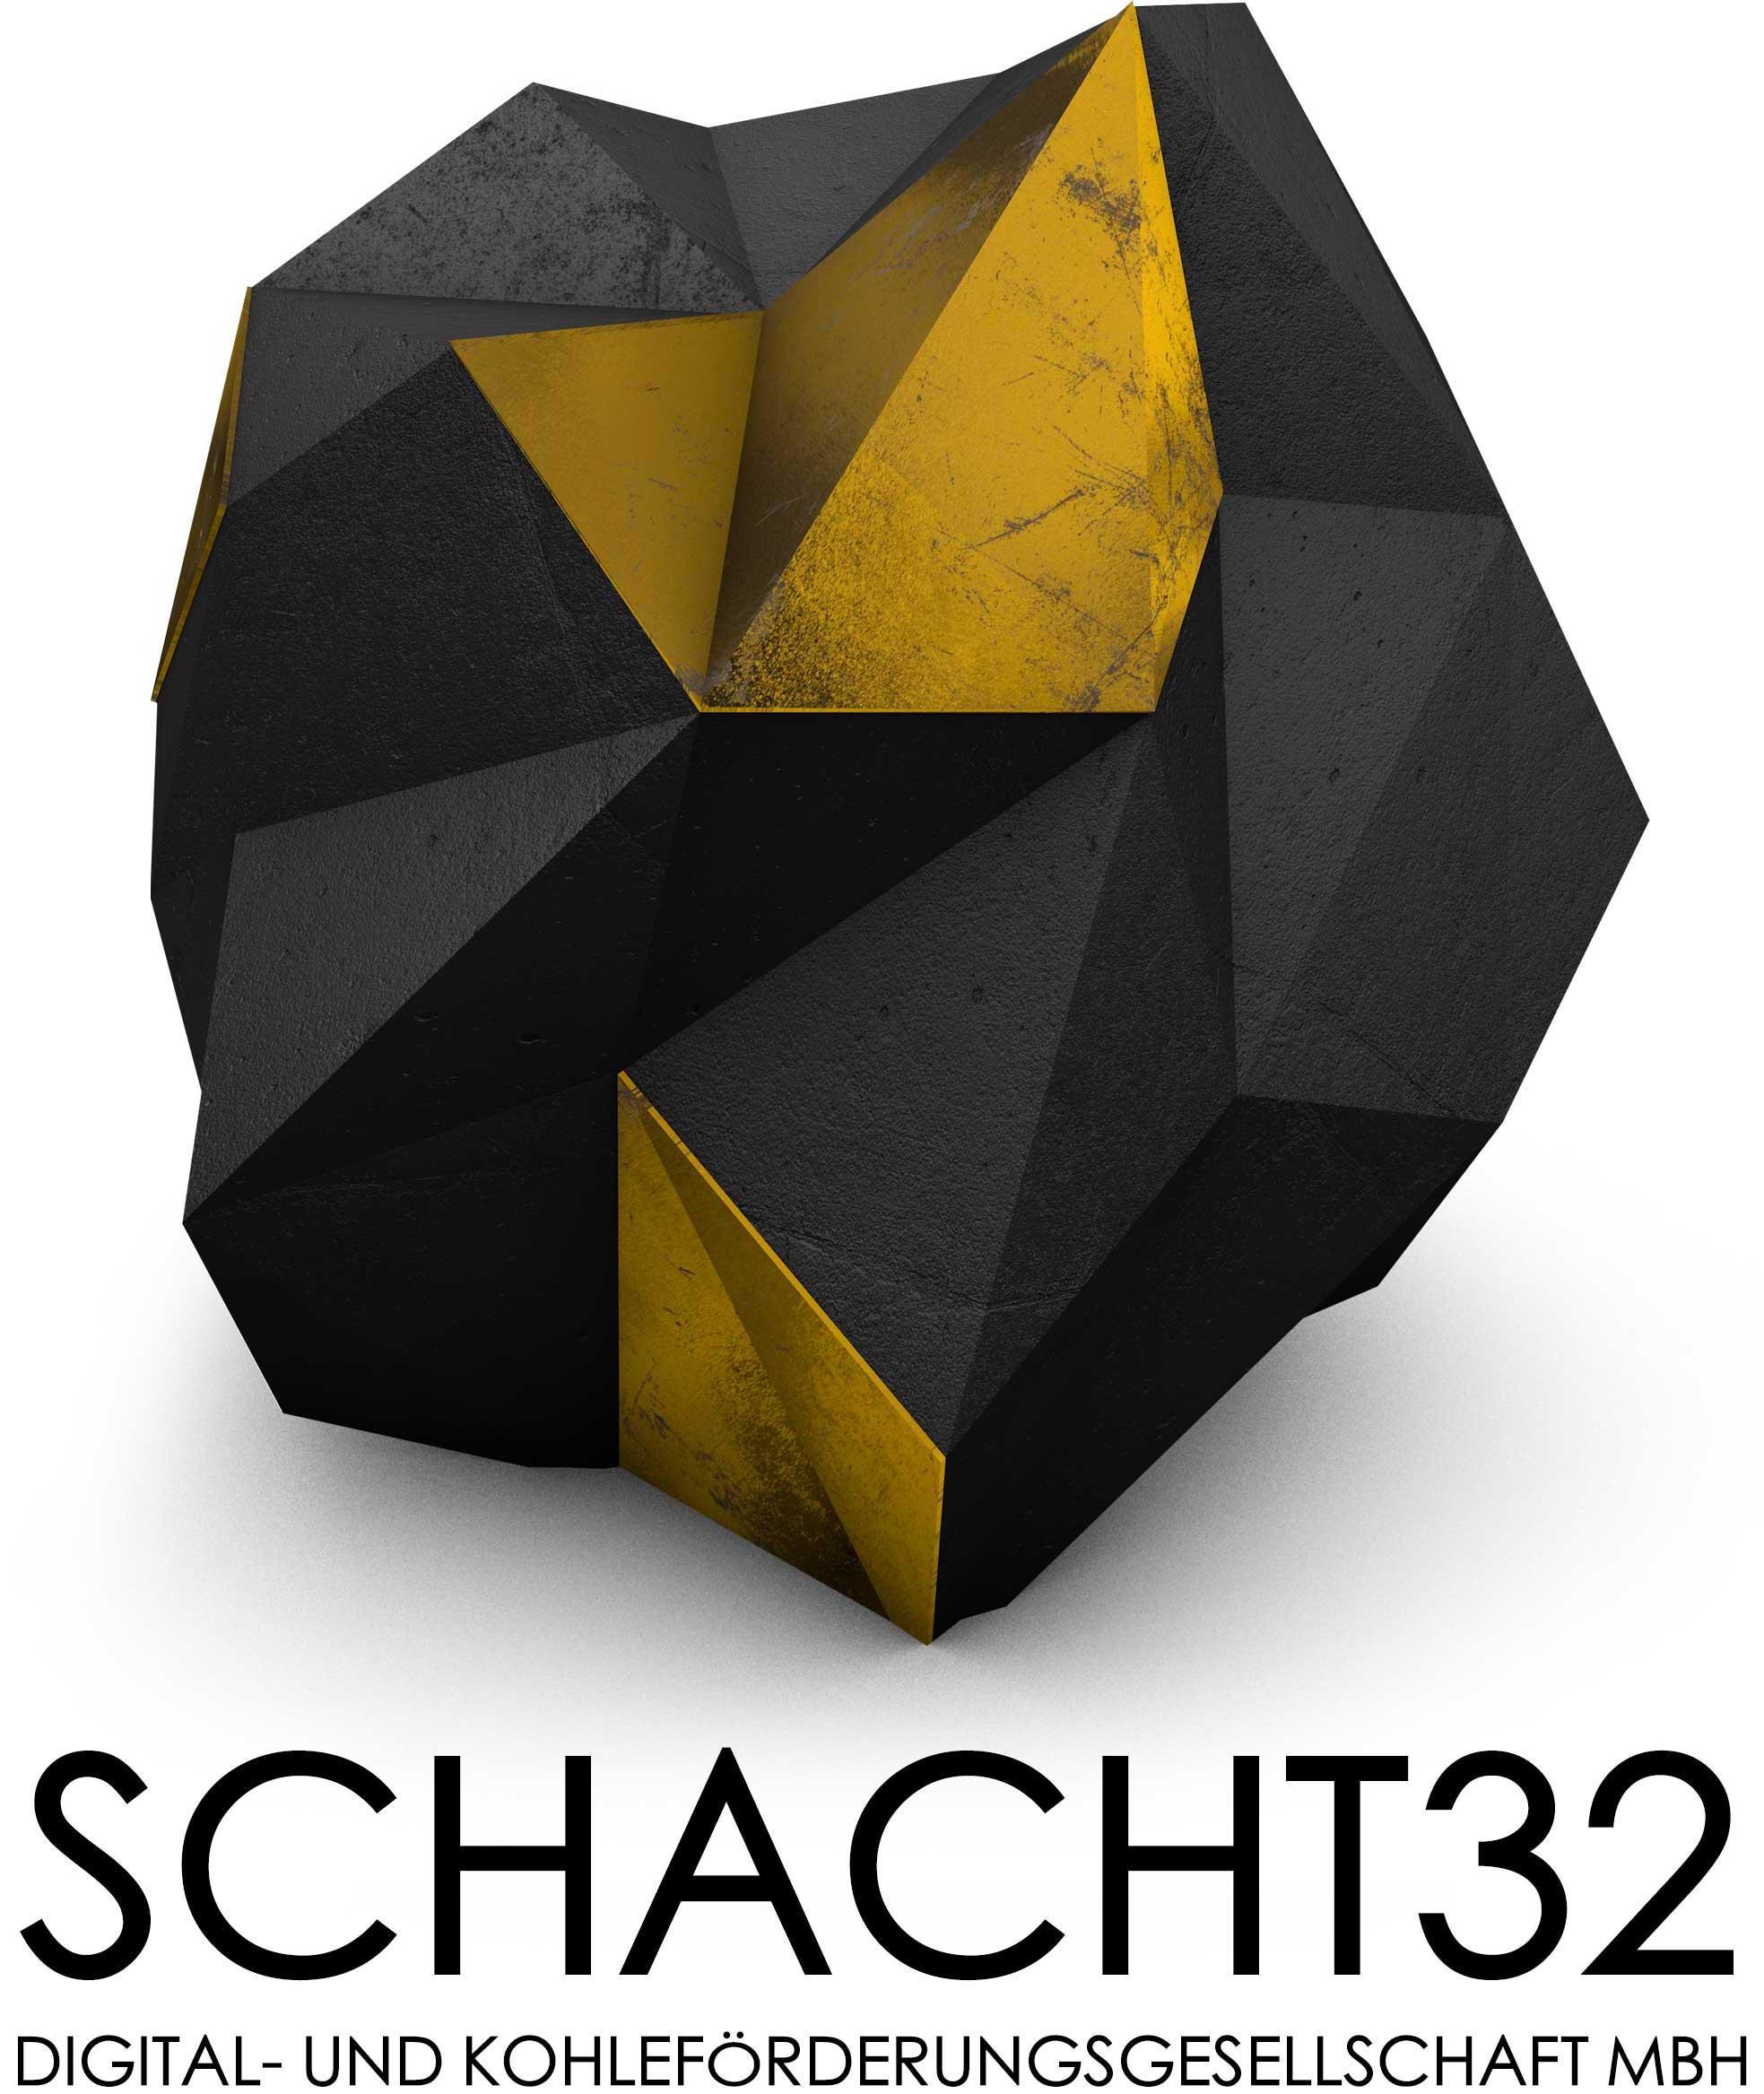 schacht32-digital-und-kohlefoerderungsgesellschaft-mbh-gruenderzentrum-ruhr